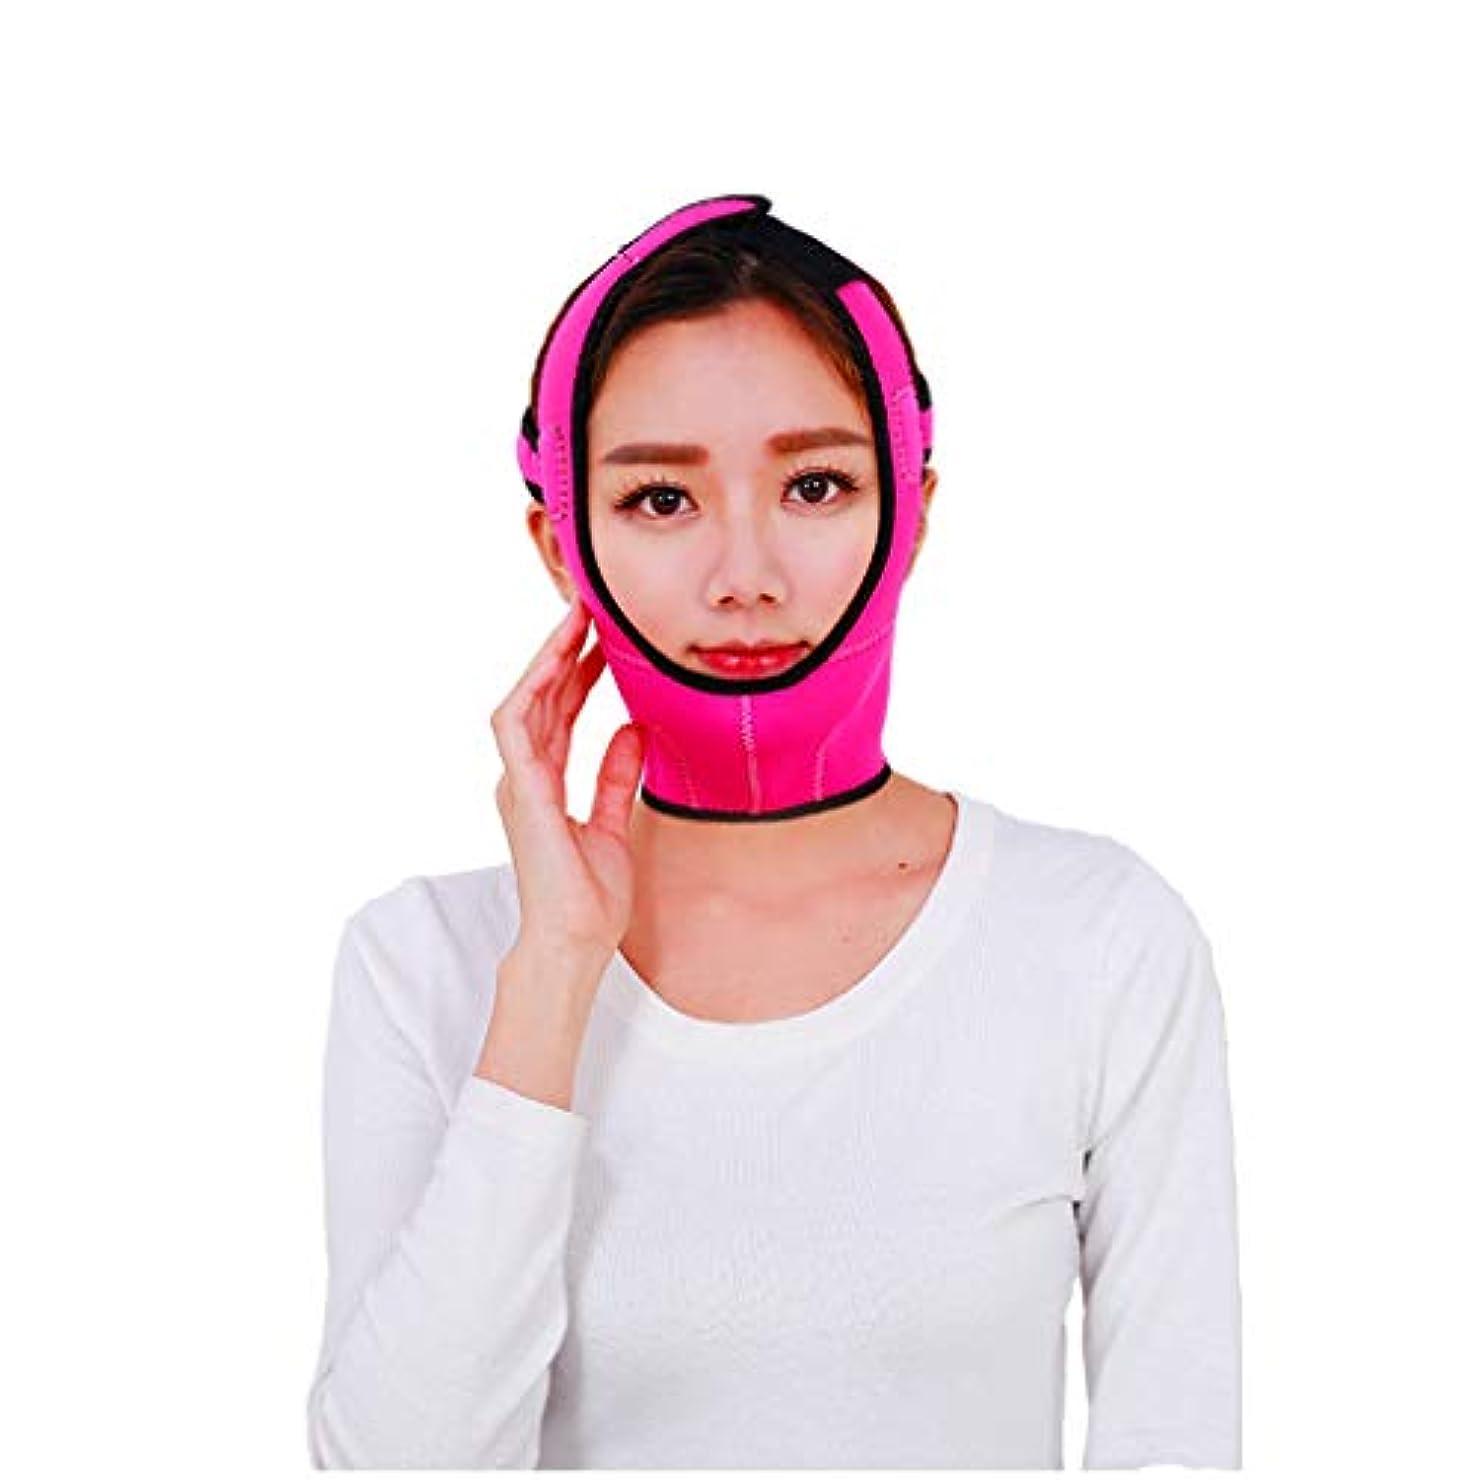 ハンドブック動かないマウンド顔のマスクは、胸の皮膚を引き締め首の皮膚を強化収縮リフティング包帯を和らげる